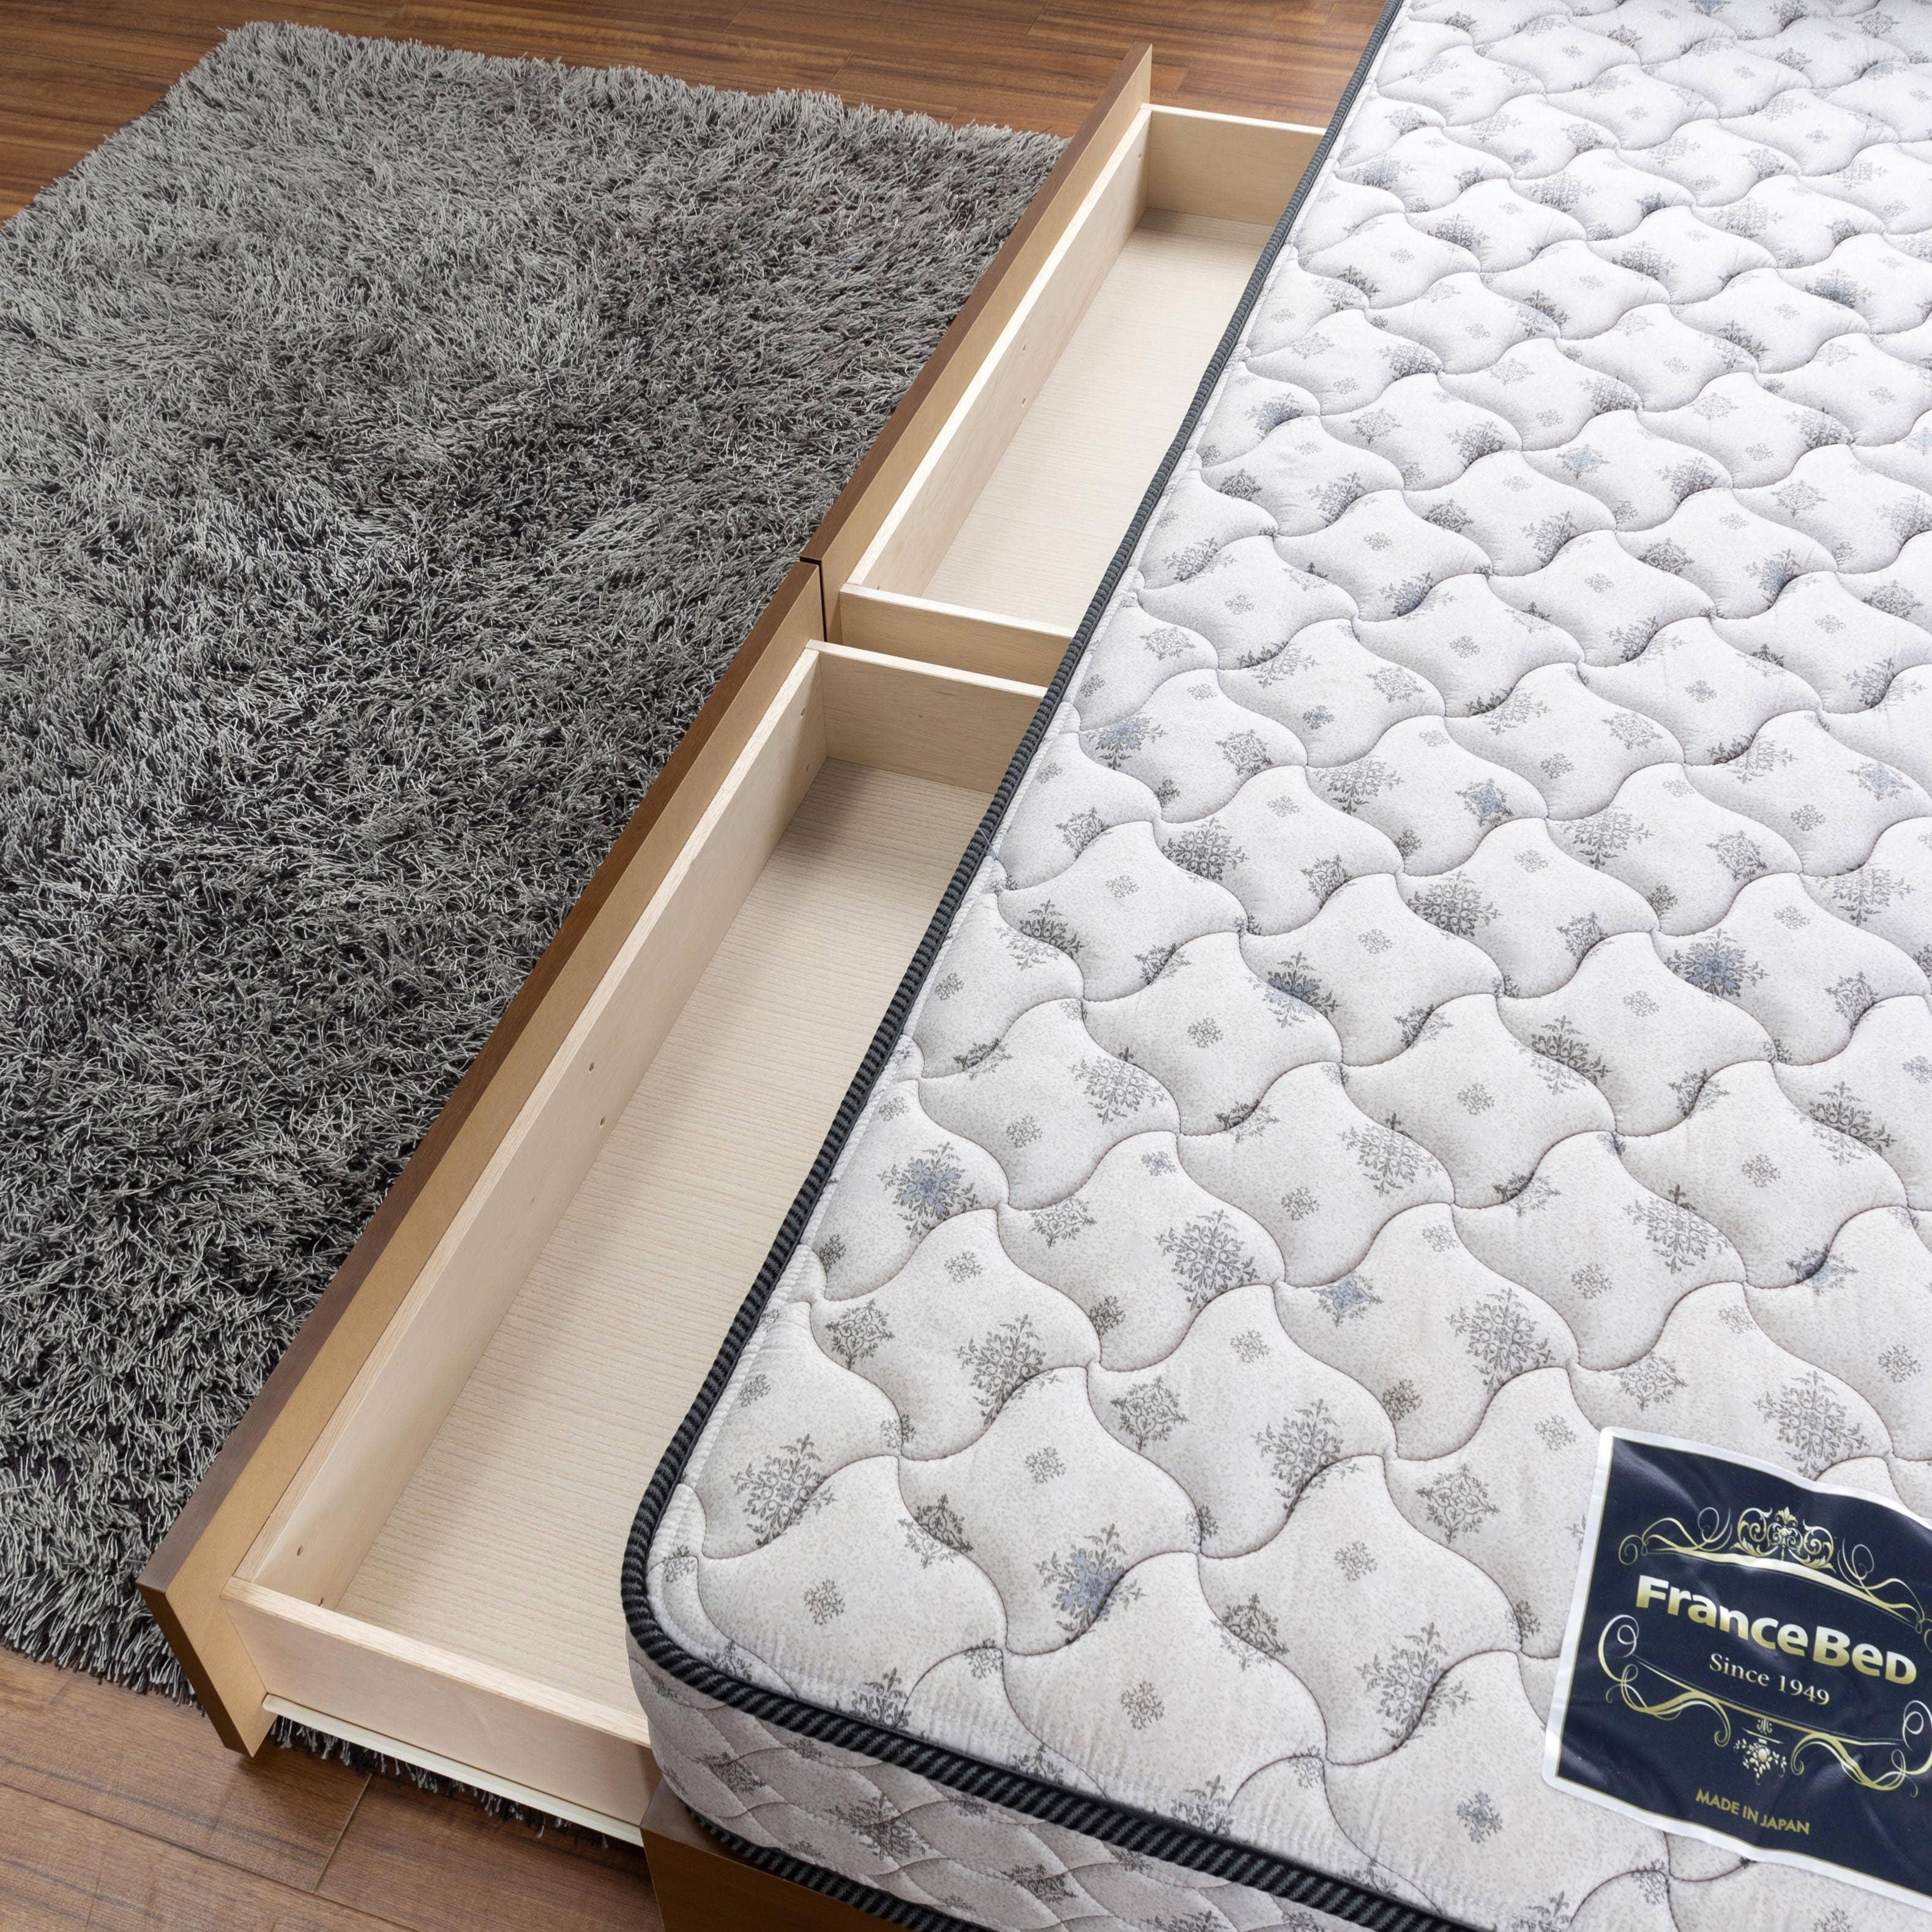 シングルベッド コスモプラス(ホワイトオーク)/シルバー800DX3(BL):引出しは箱組構造